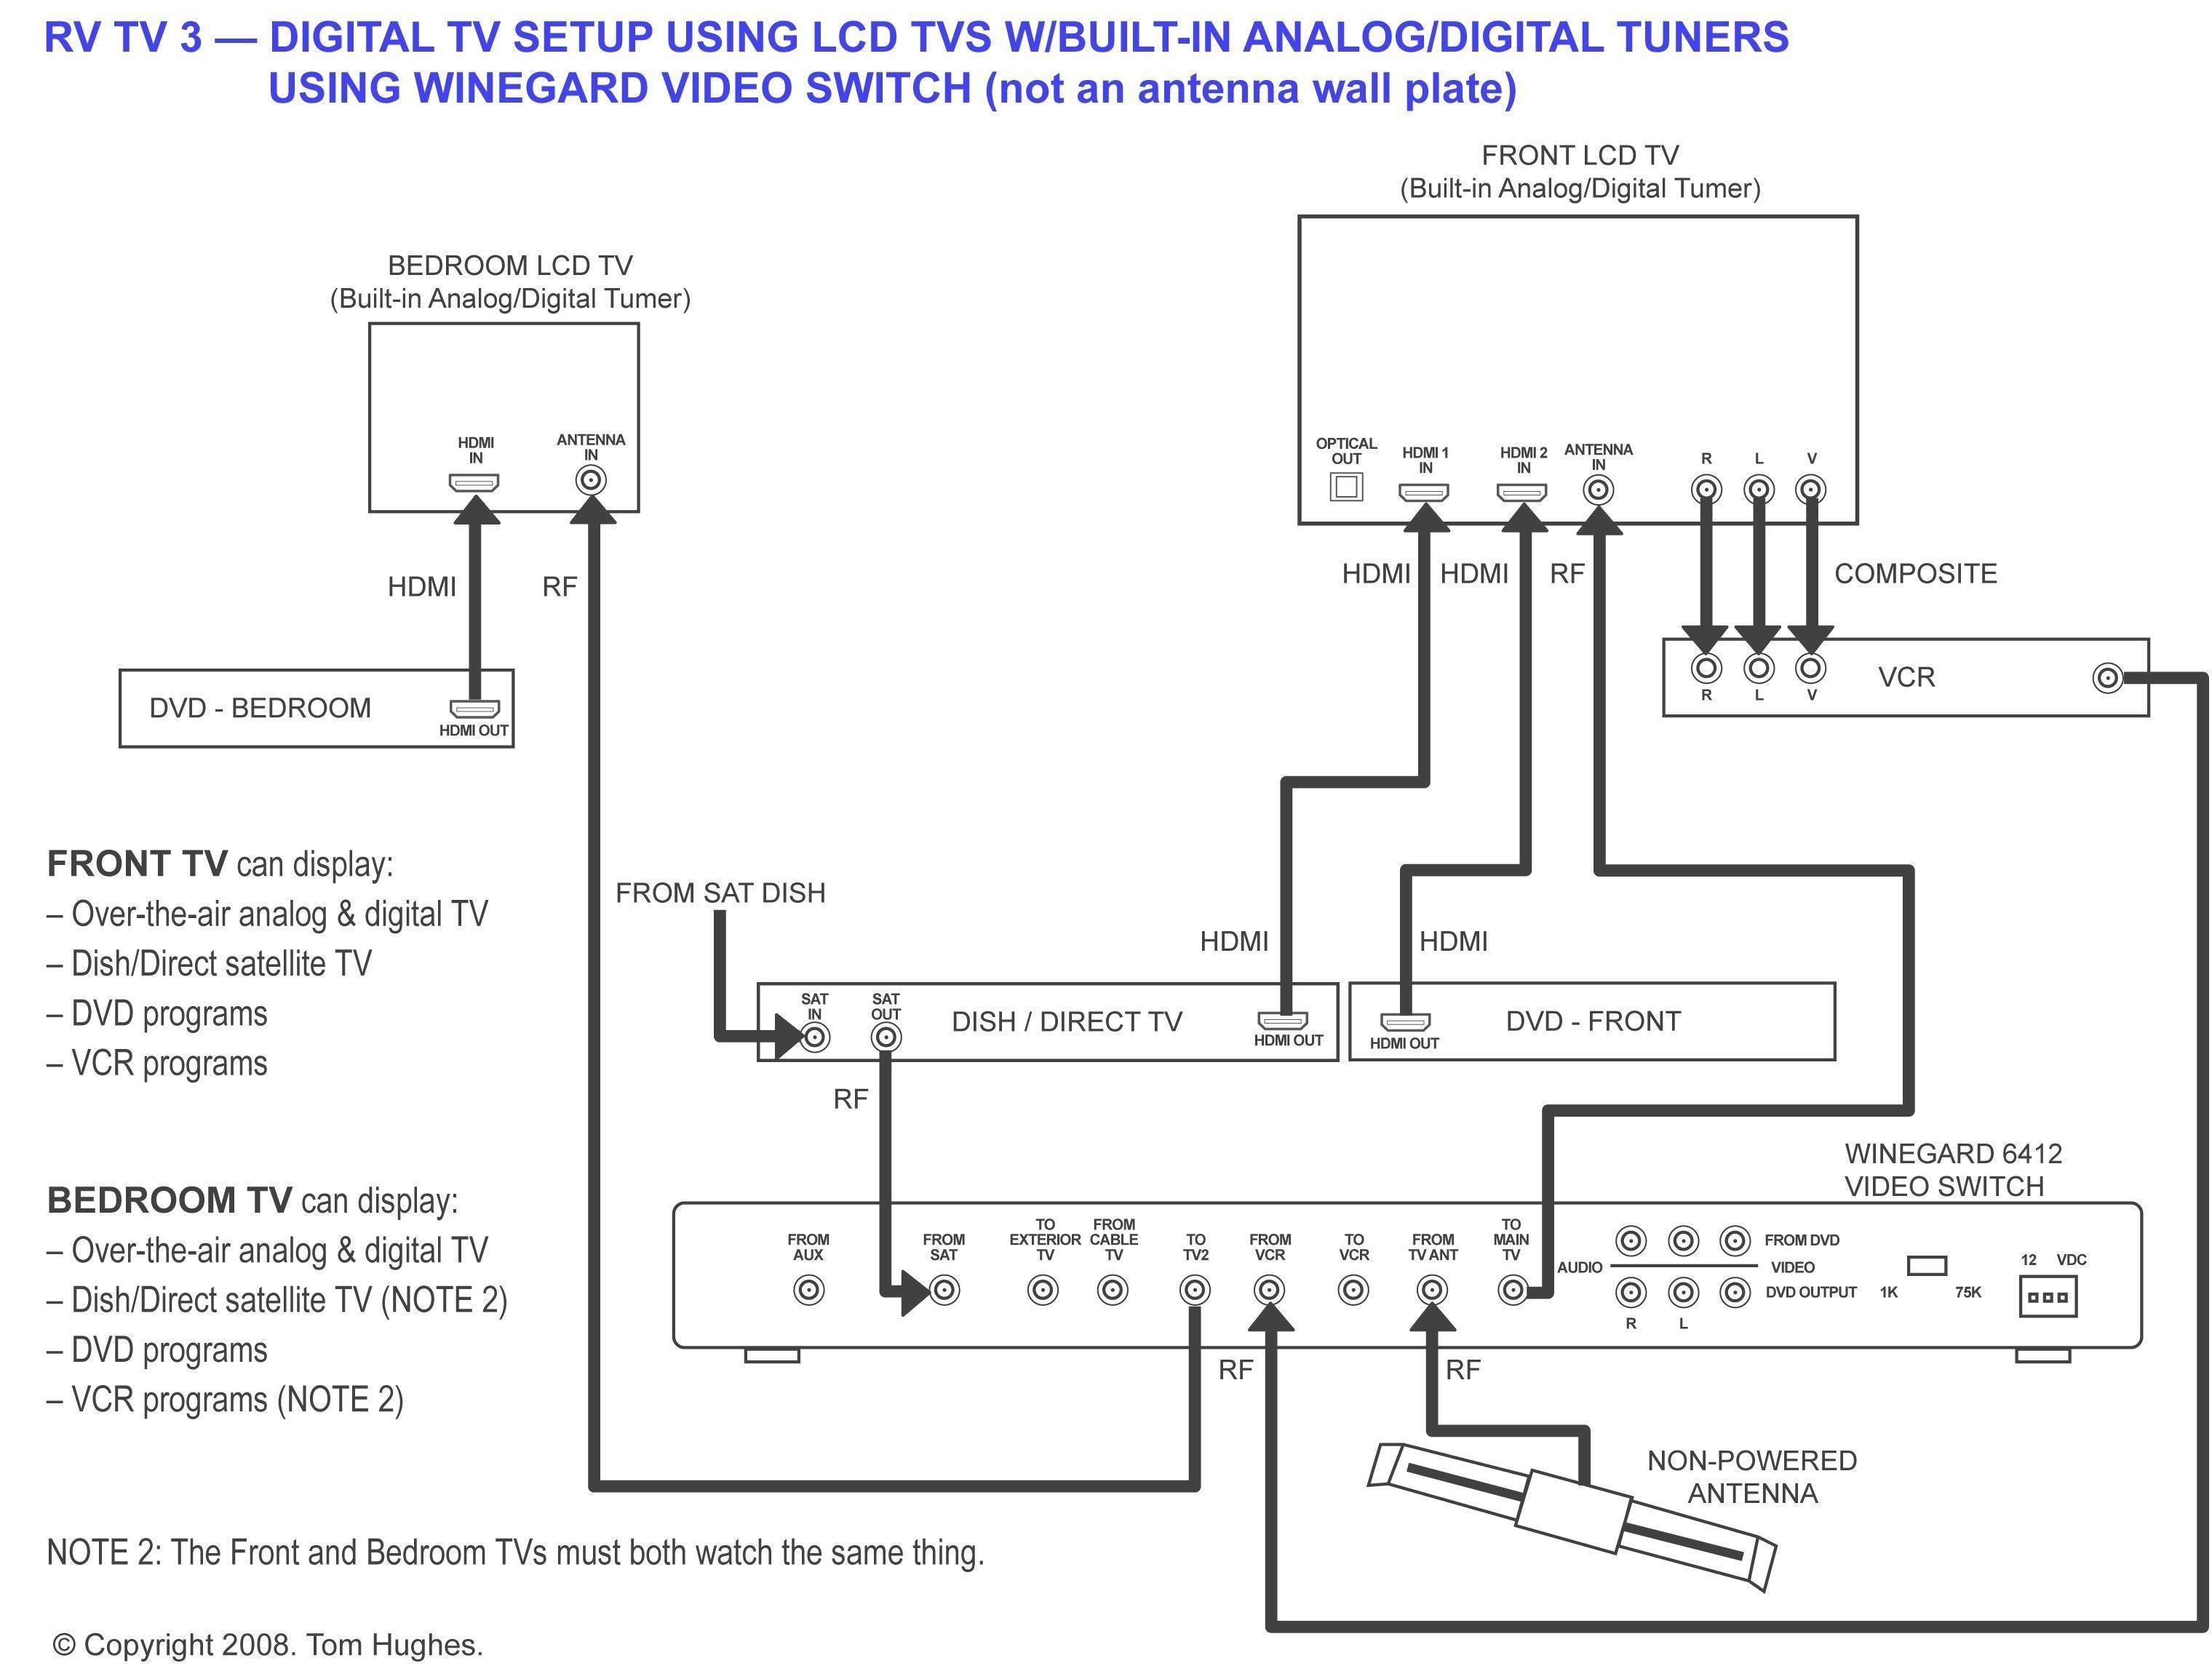 directv genie wiring diagram free downloads swm16 8dvr deca directvdirectv genie wiring diagram free downloads swm16 [ 3040 x 2297 Pixel ]